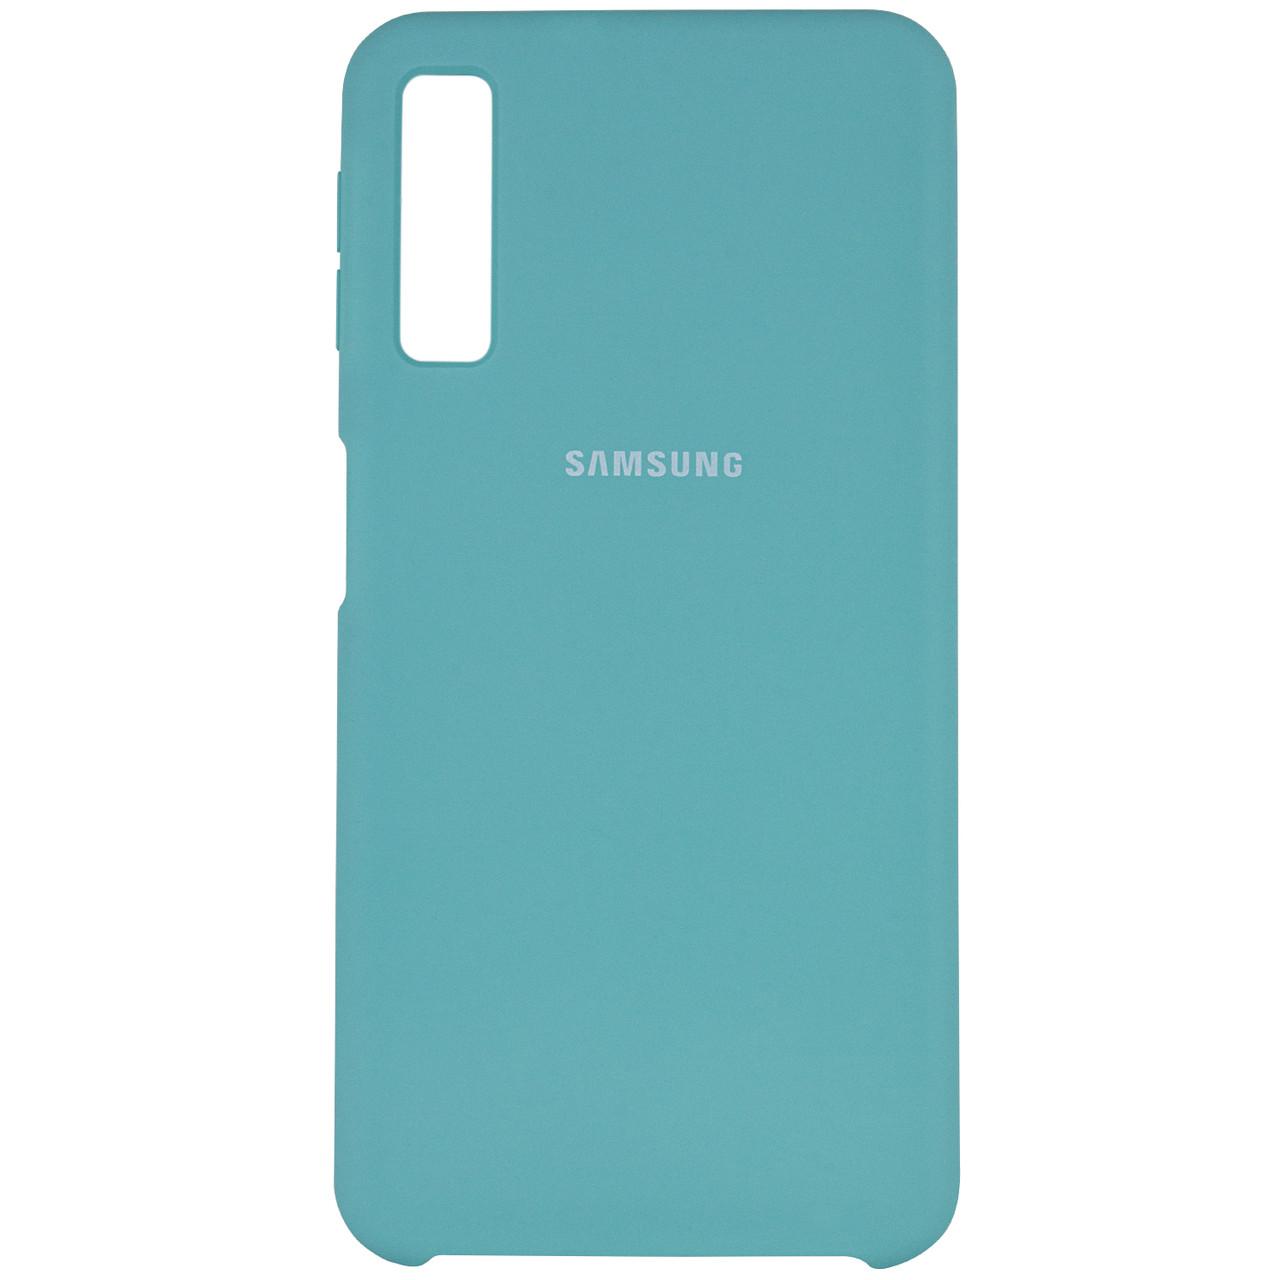 Чехол Silicone case для Samsung A750 Galaxy A7 (2018)